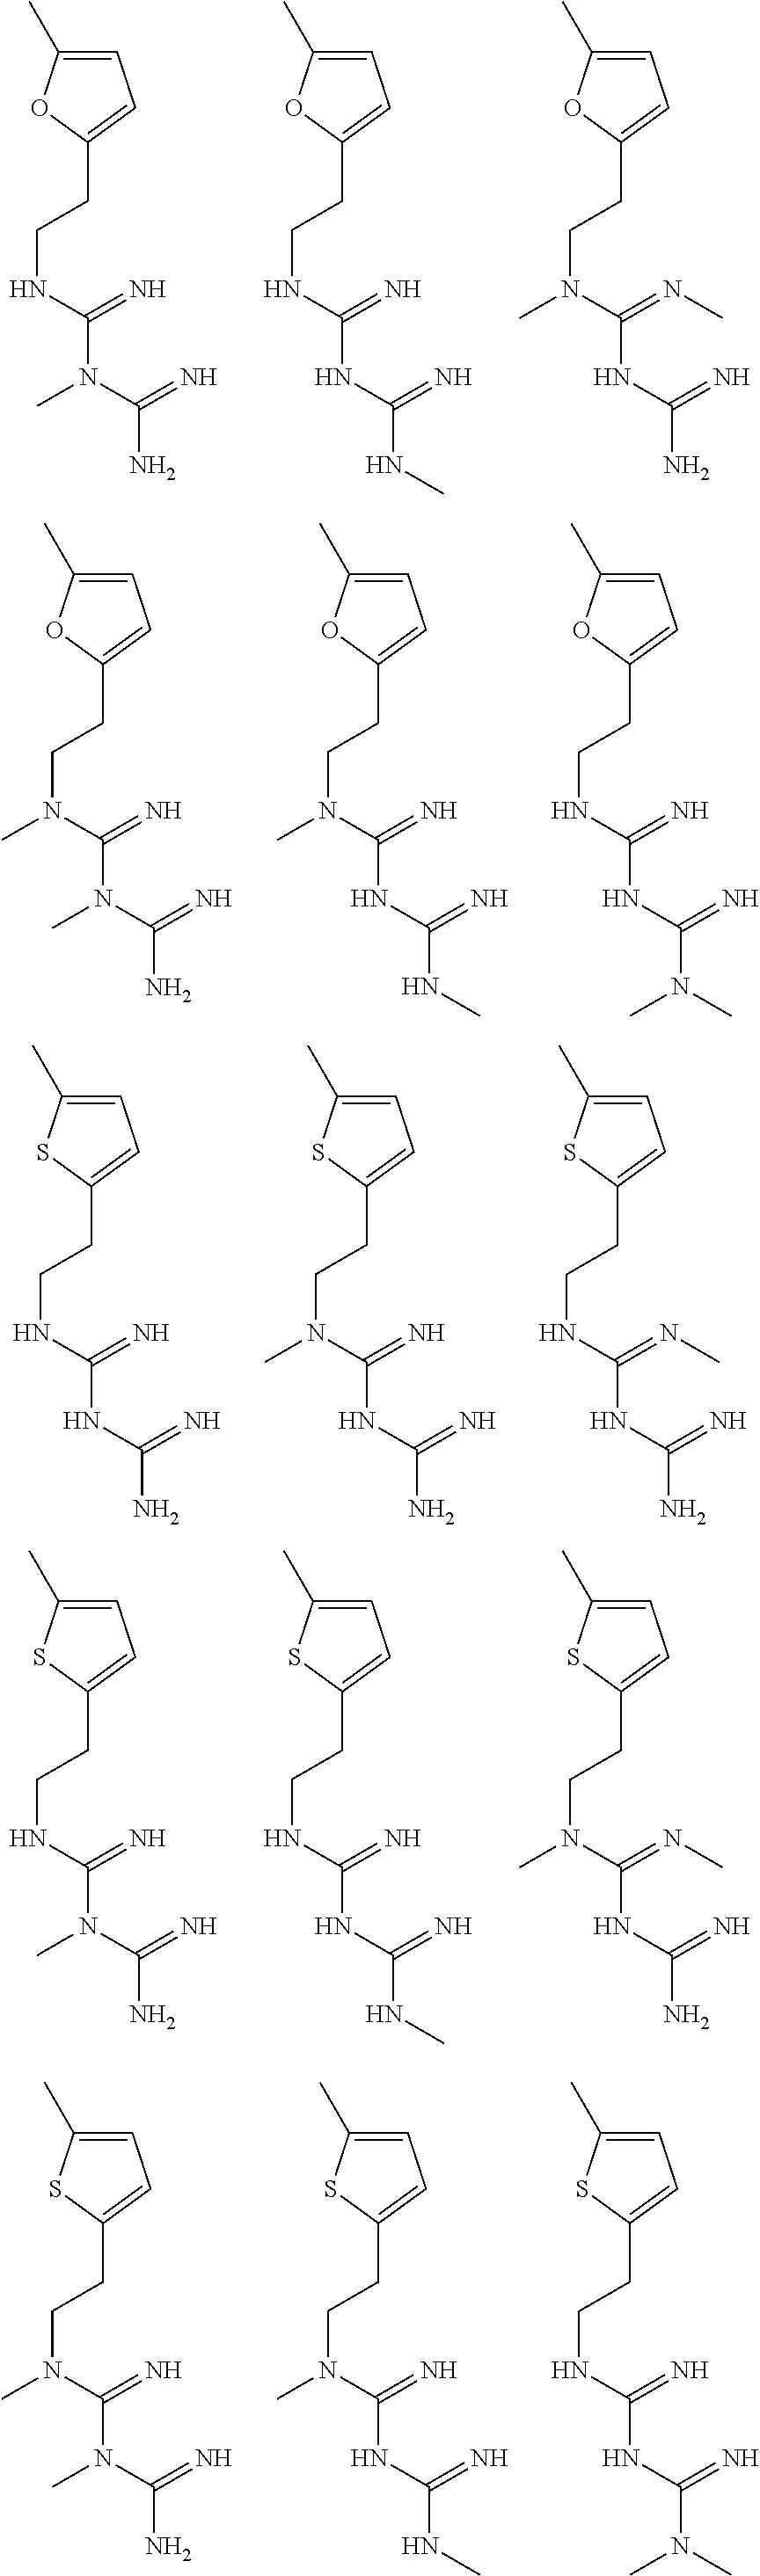 Figure US09480663-20161101-C00045